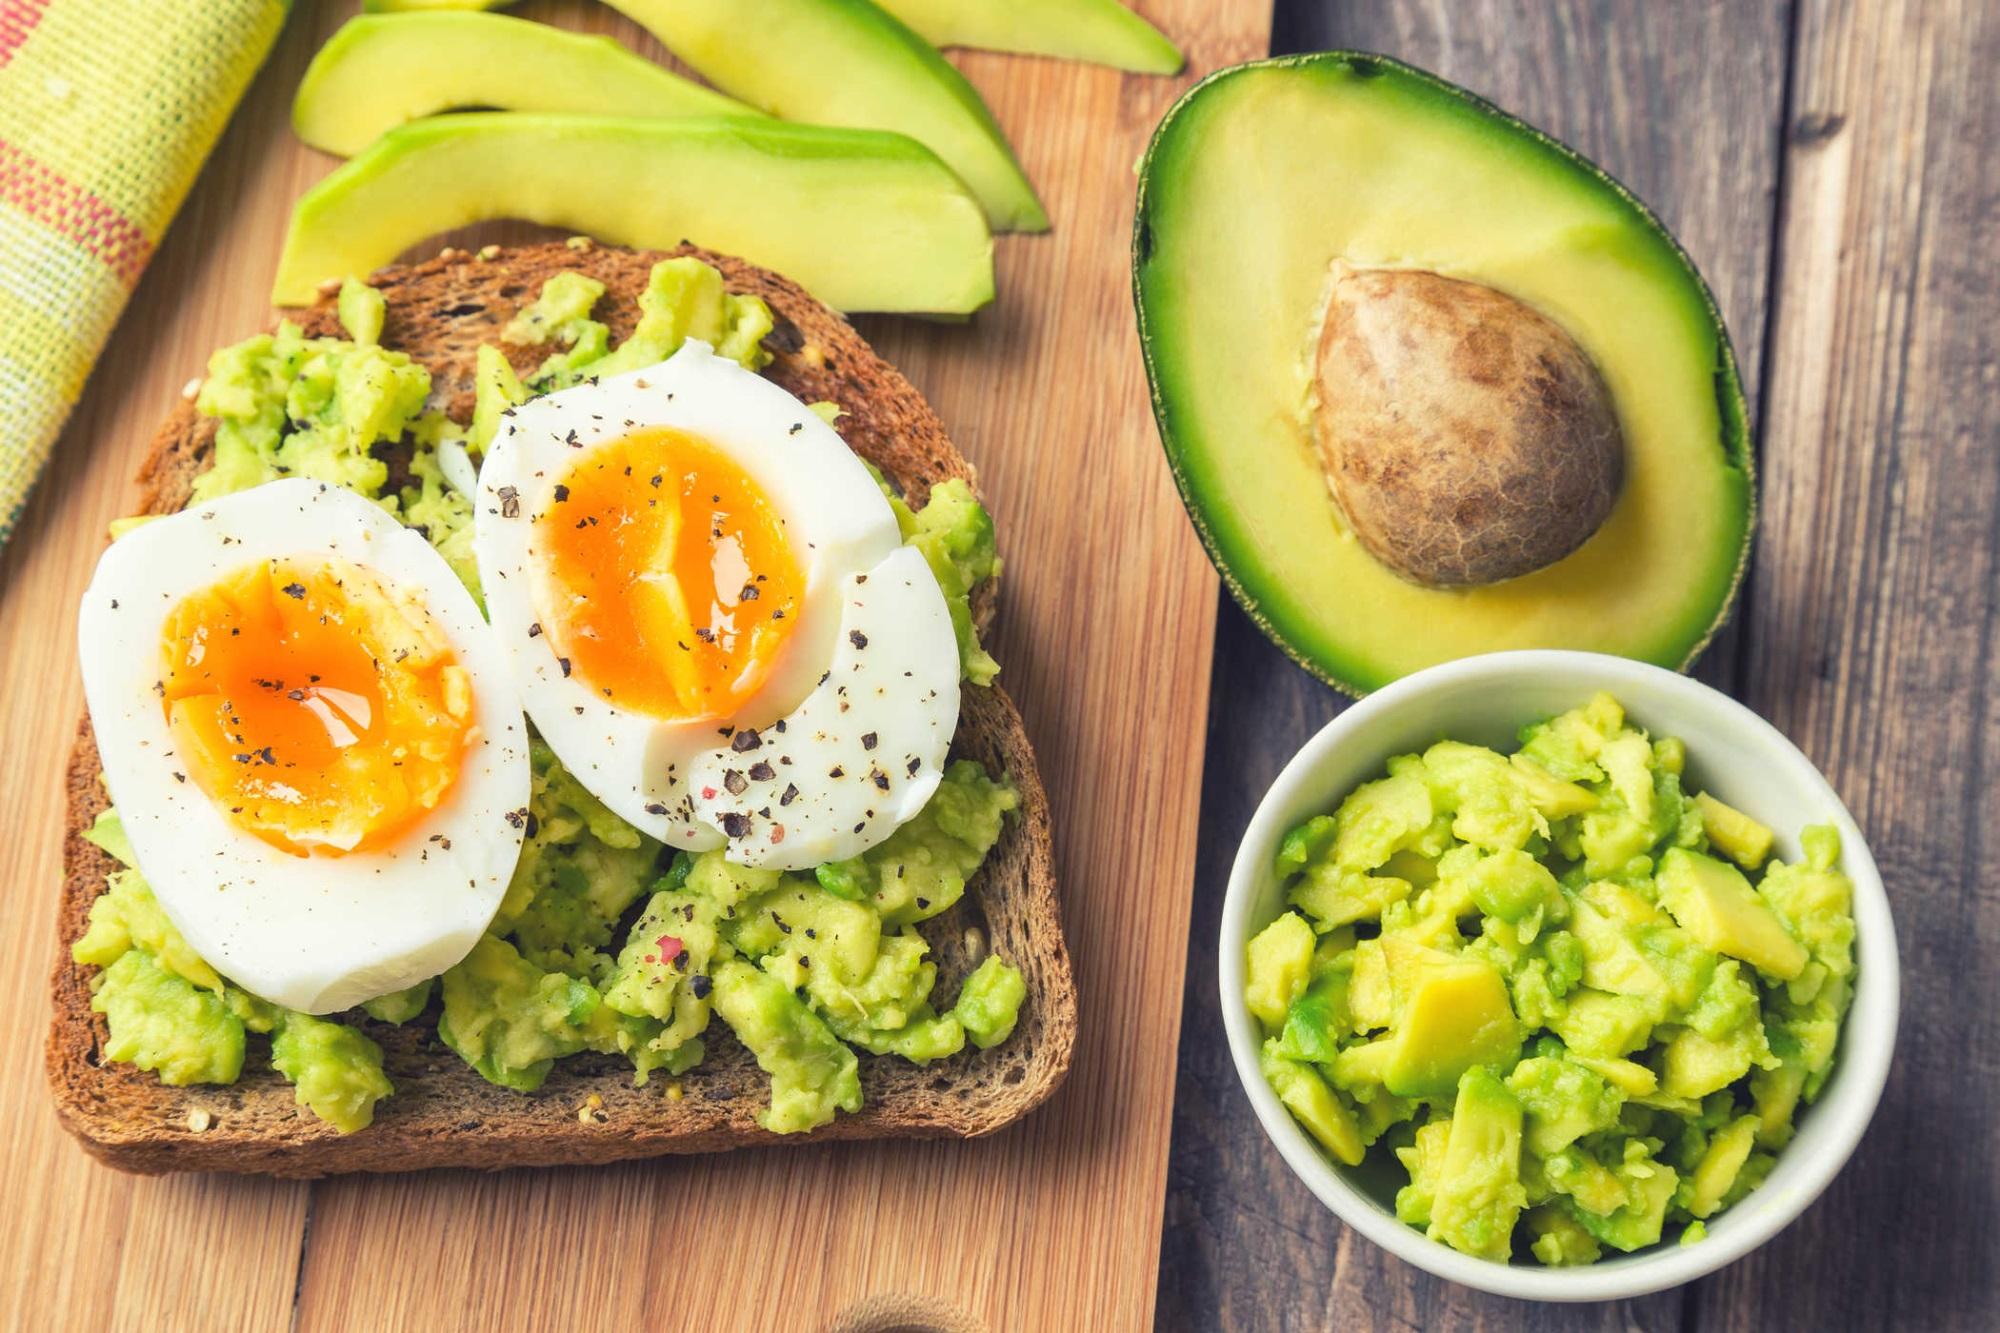 Nếu đói lúc nửa đêm vì đang ăn kiêng giảm cân, hãy bổ sung 6 thực phẩm lành mạnh này để xoa dịu dạ dày mà không lo mập - Ảnh 6